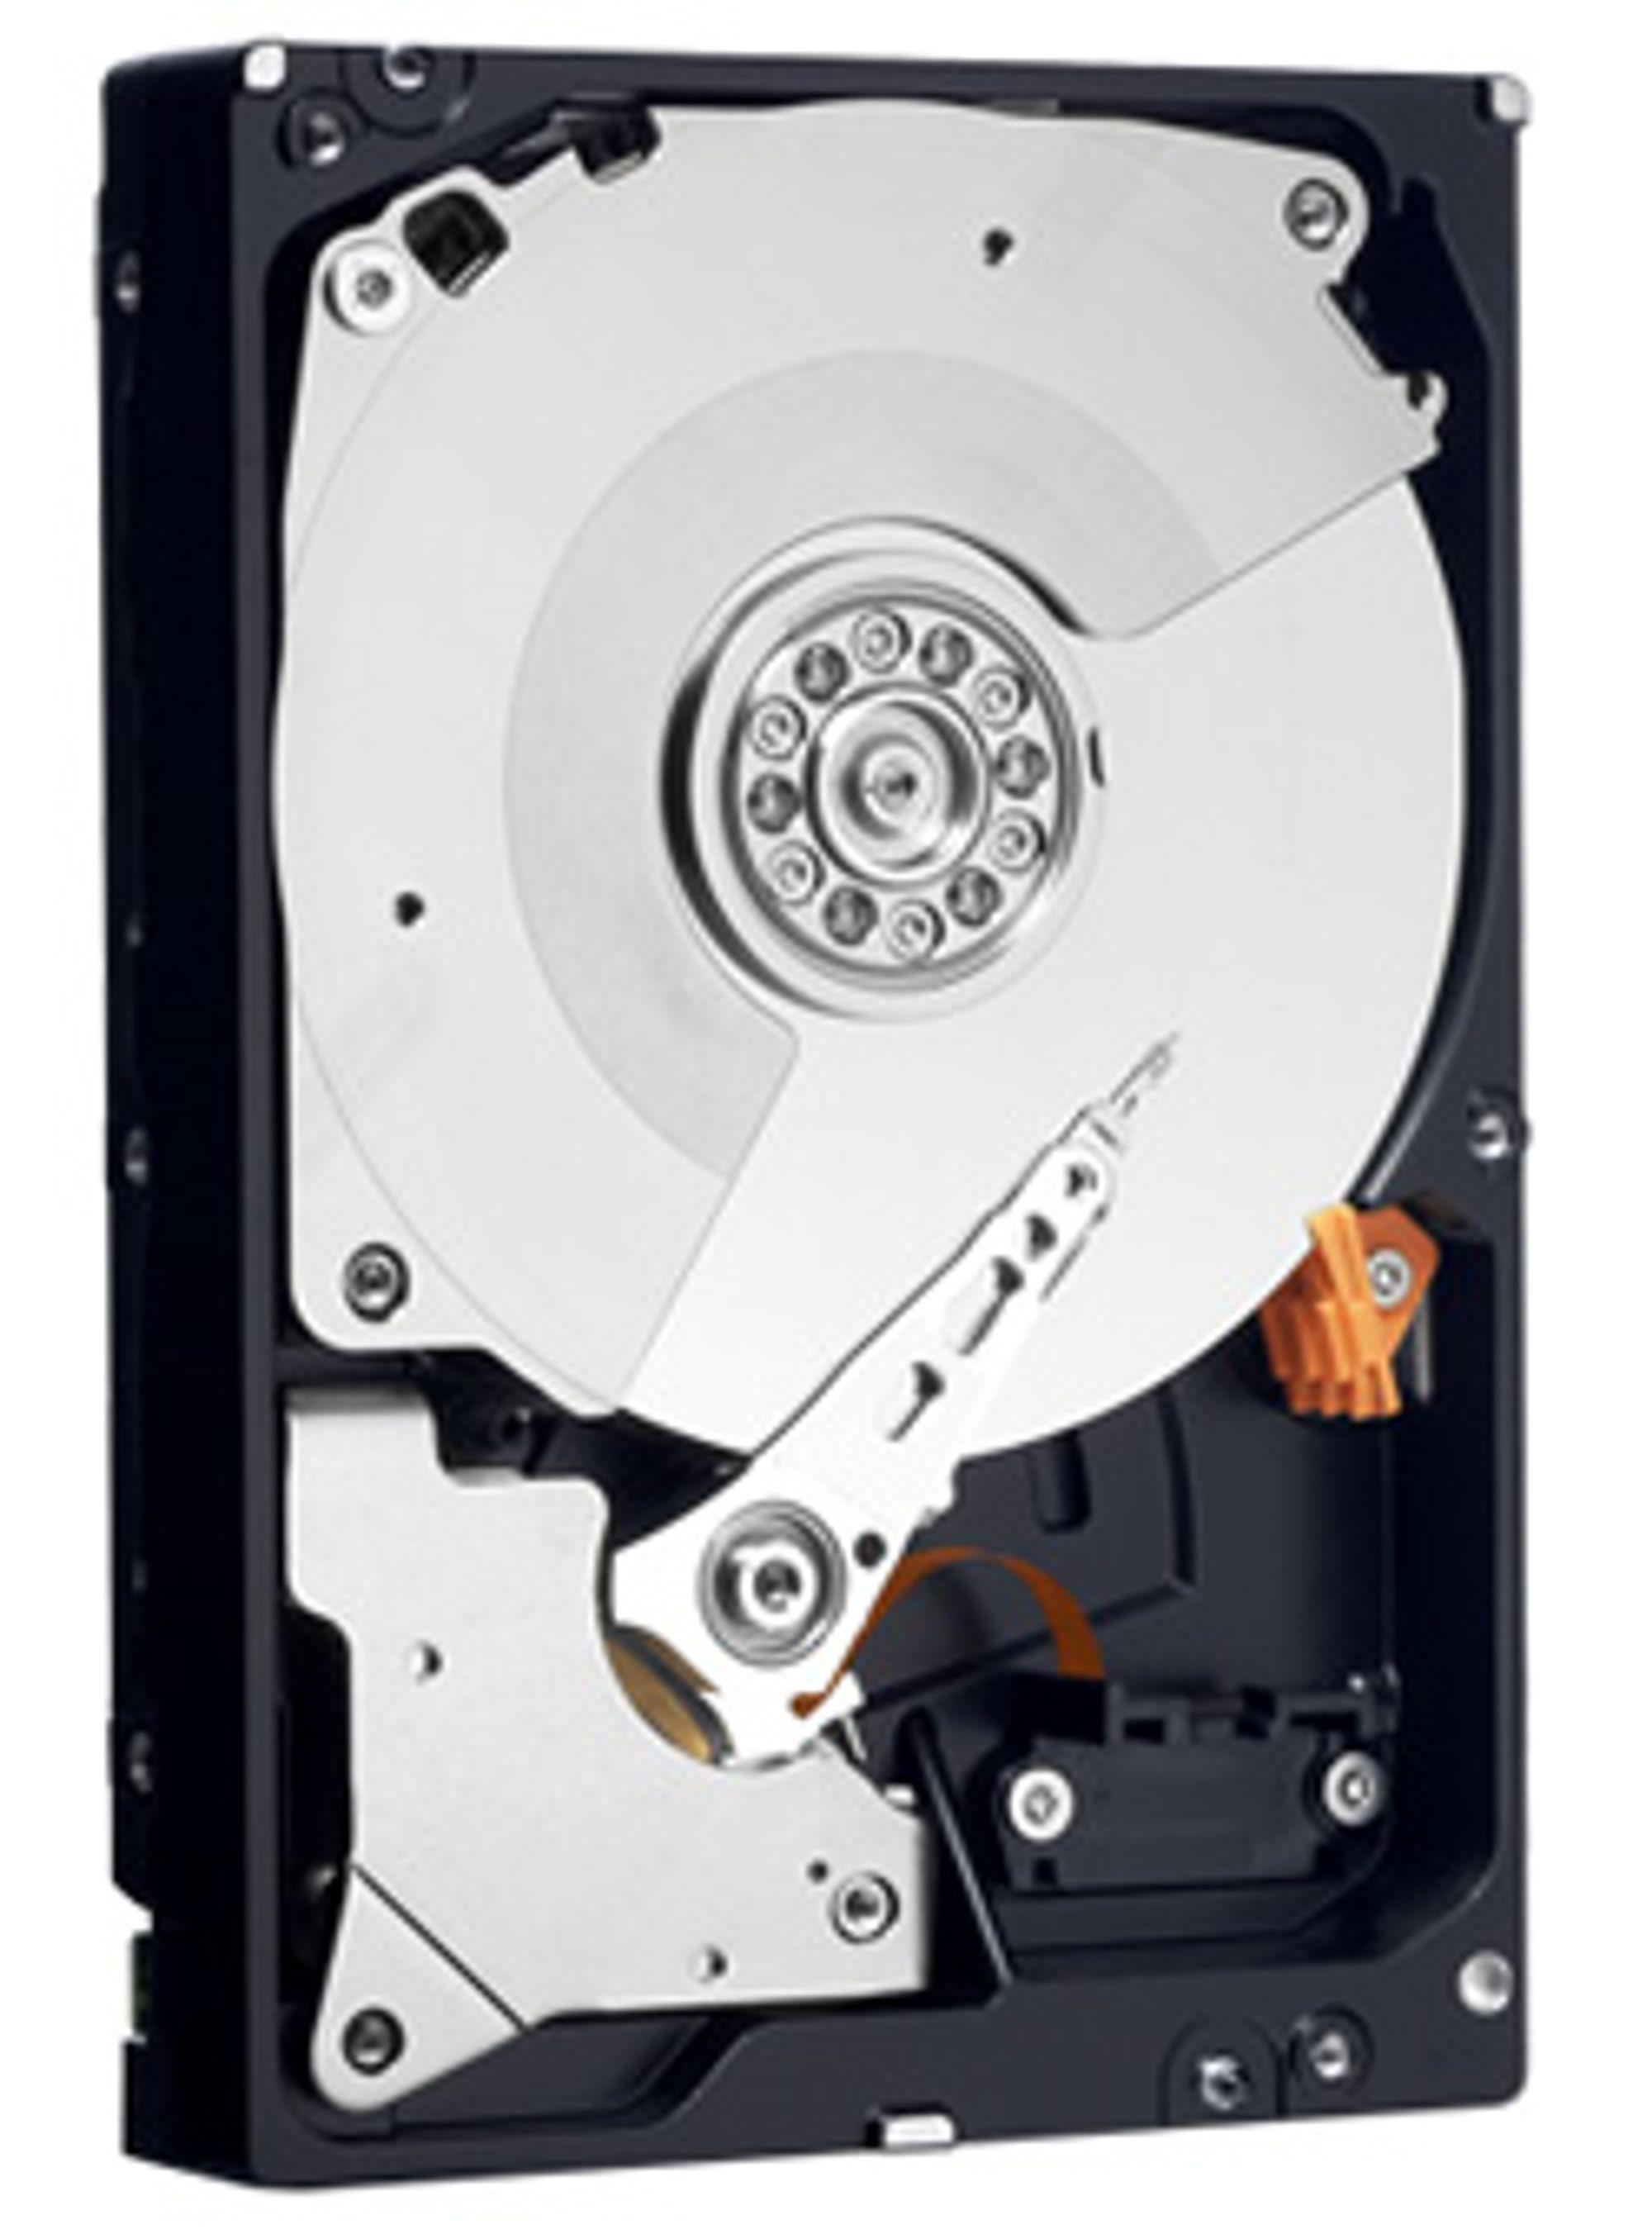 Western Digitals nye disker. (Foto: Western Digital)